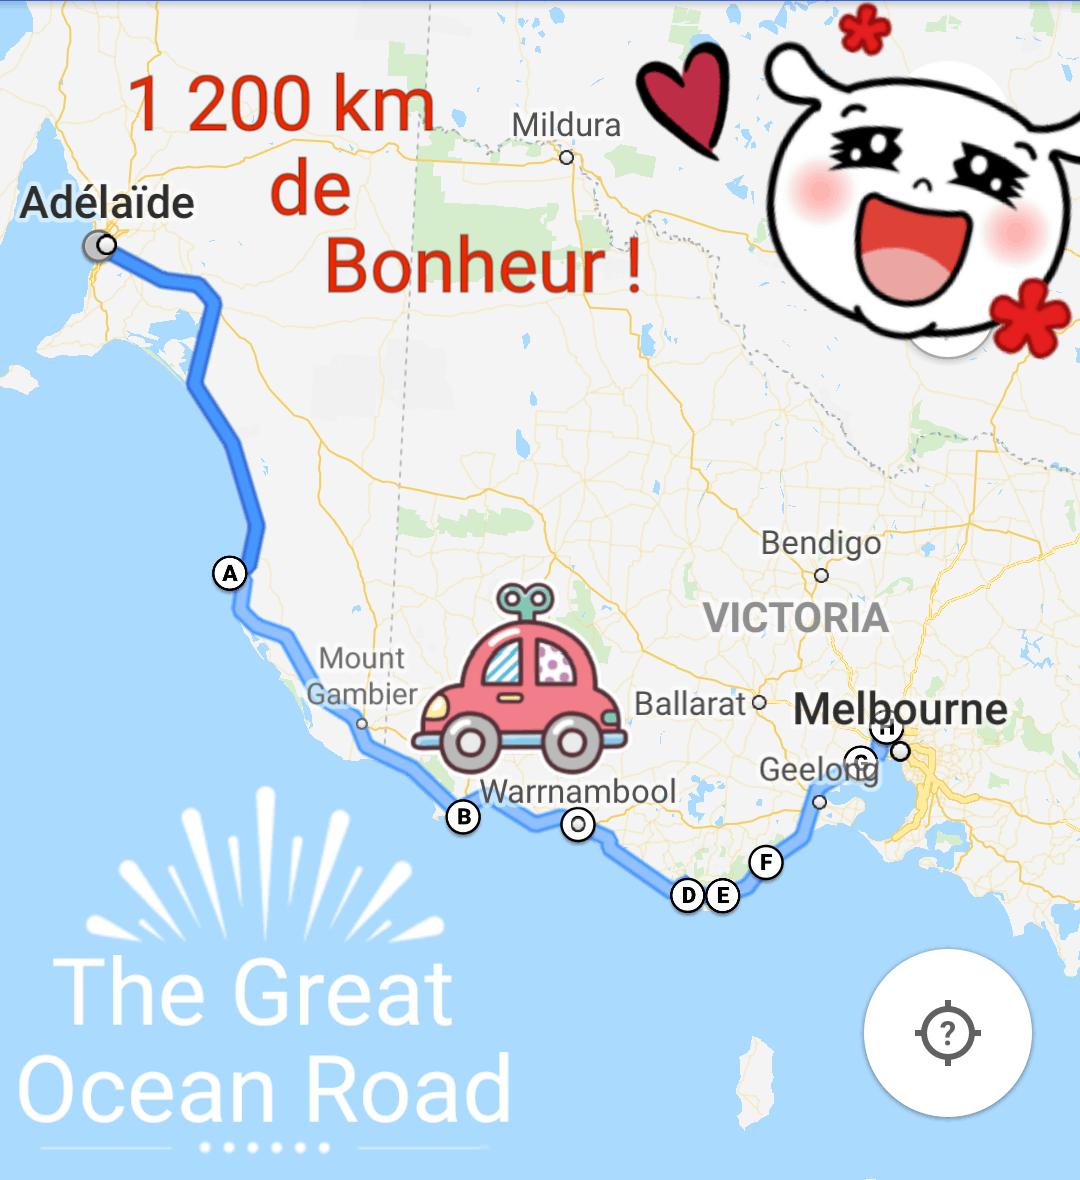 Australie, après 1 200 km de route on arrive à Melbourne 🏬 17